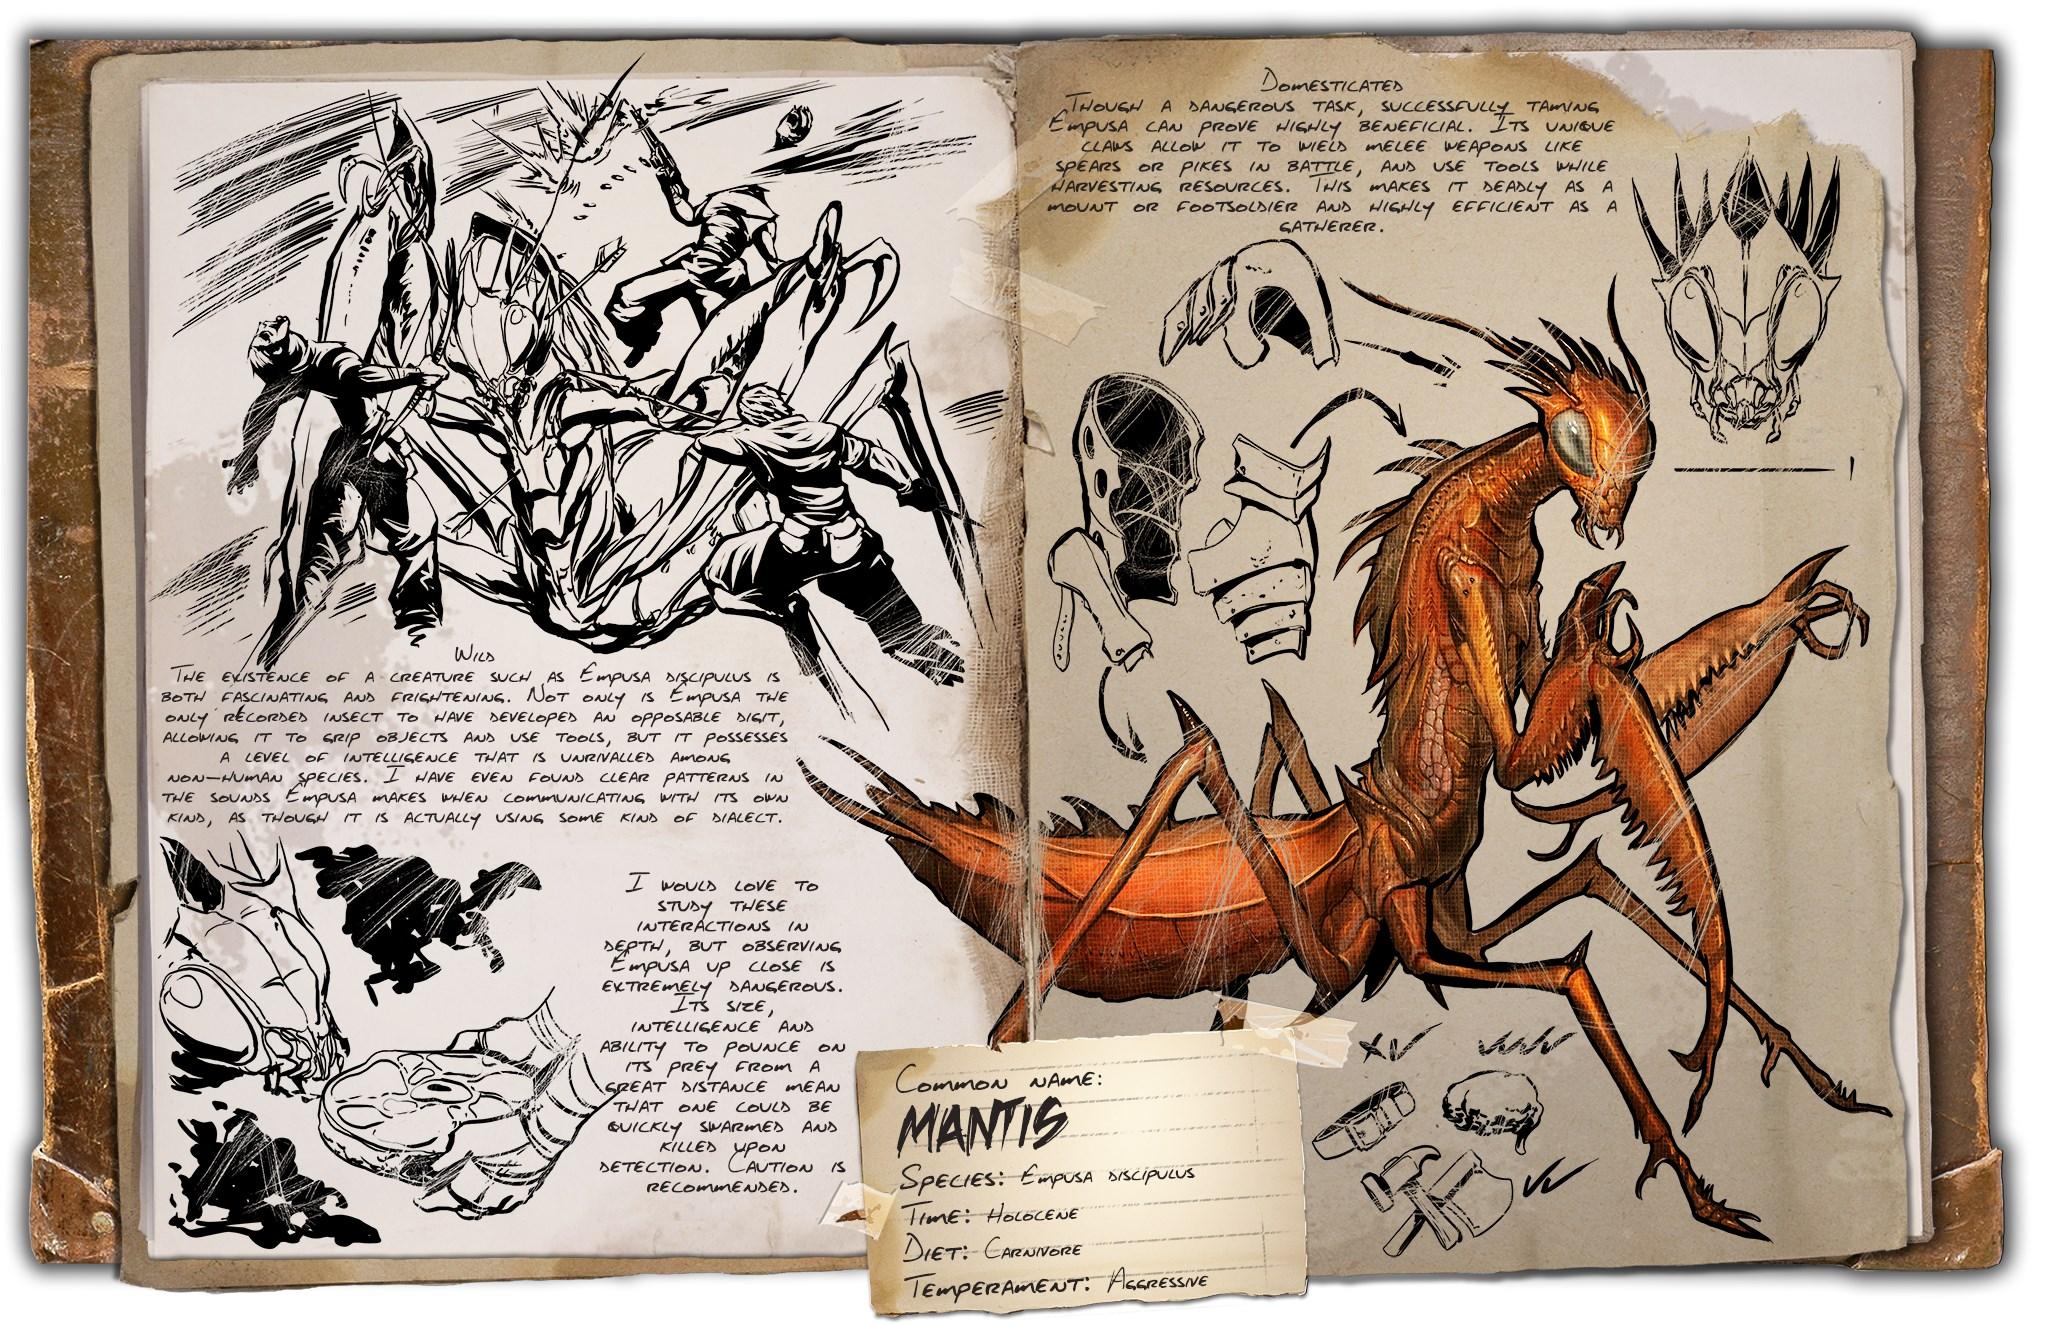 Mantis gottesanbeterin scorched earth wiki ark survival 34363 mal gelesen malvernweather Gallery